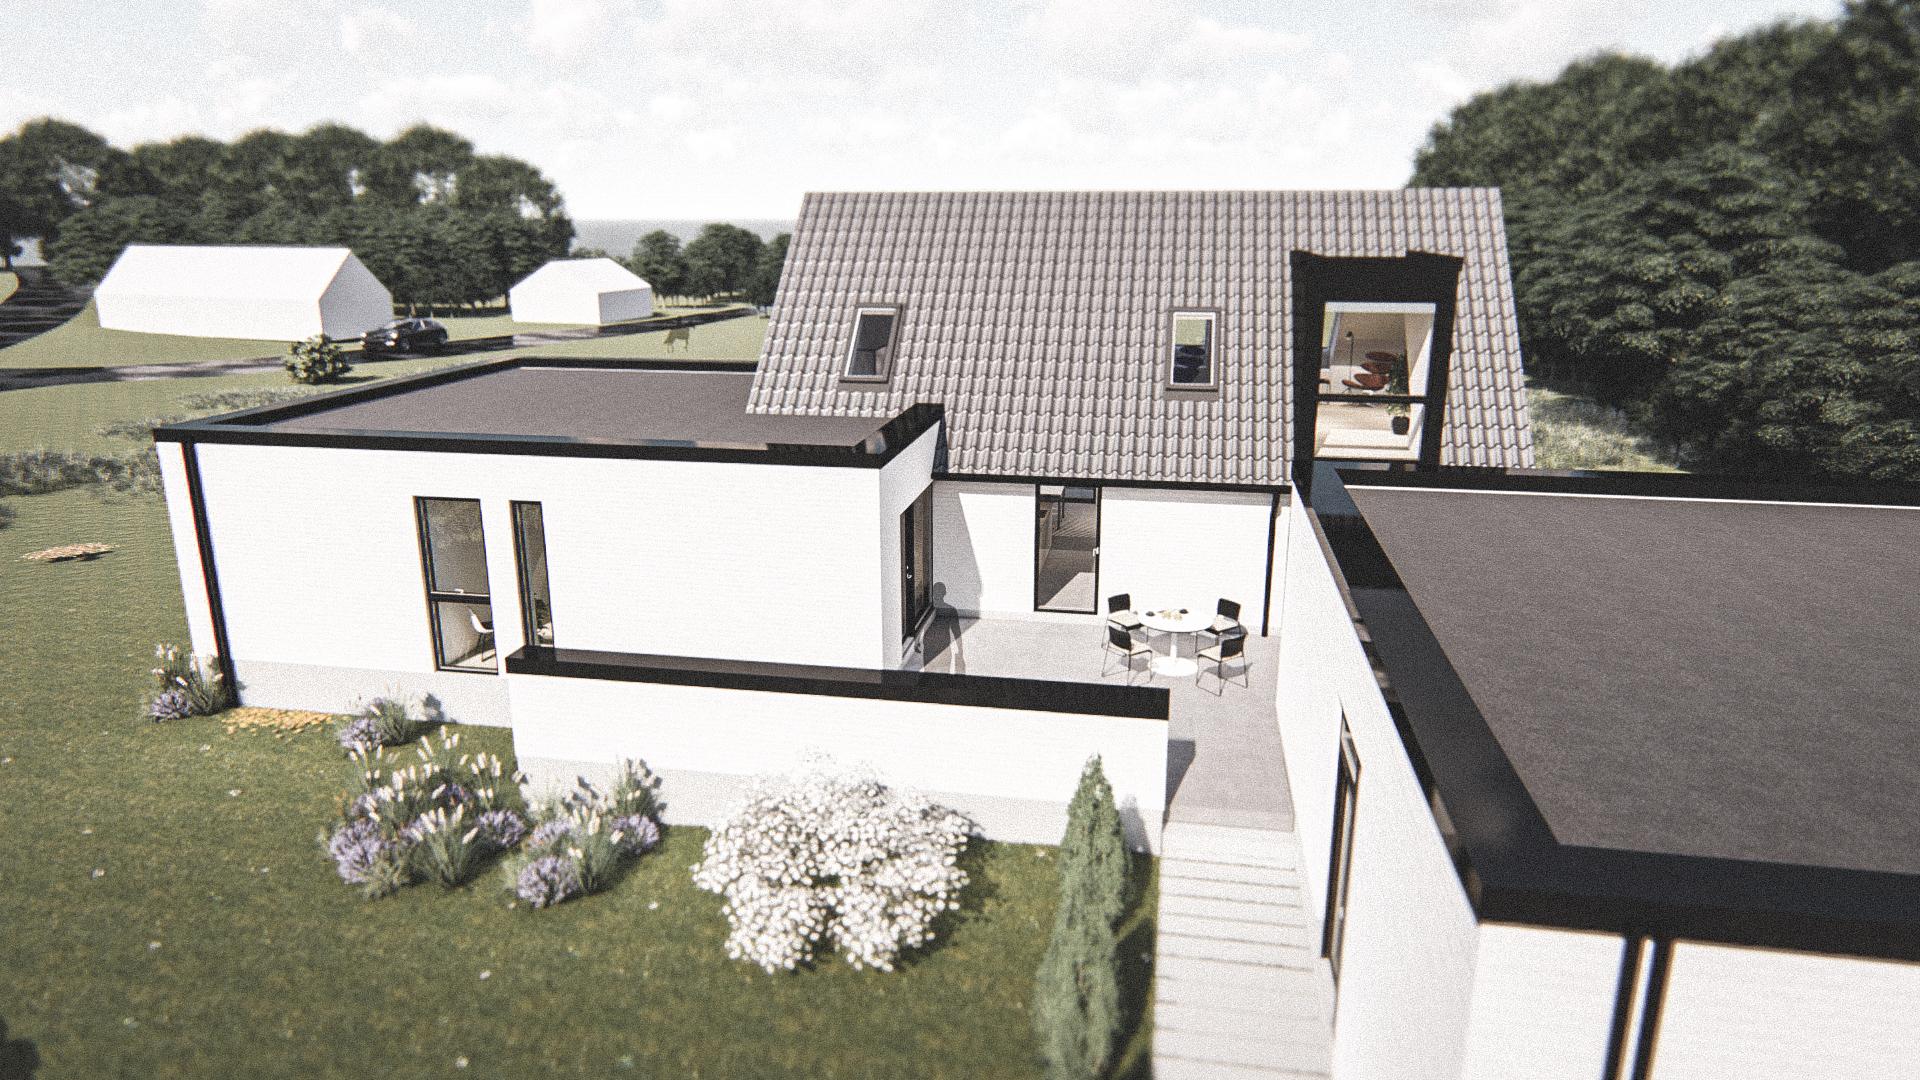 Billede af Dansk arkitekttegnet 3 plan villa af arkitektfirmaet m2plus, i Hanstholm på 230 kvartratmeter.